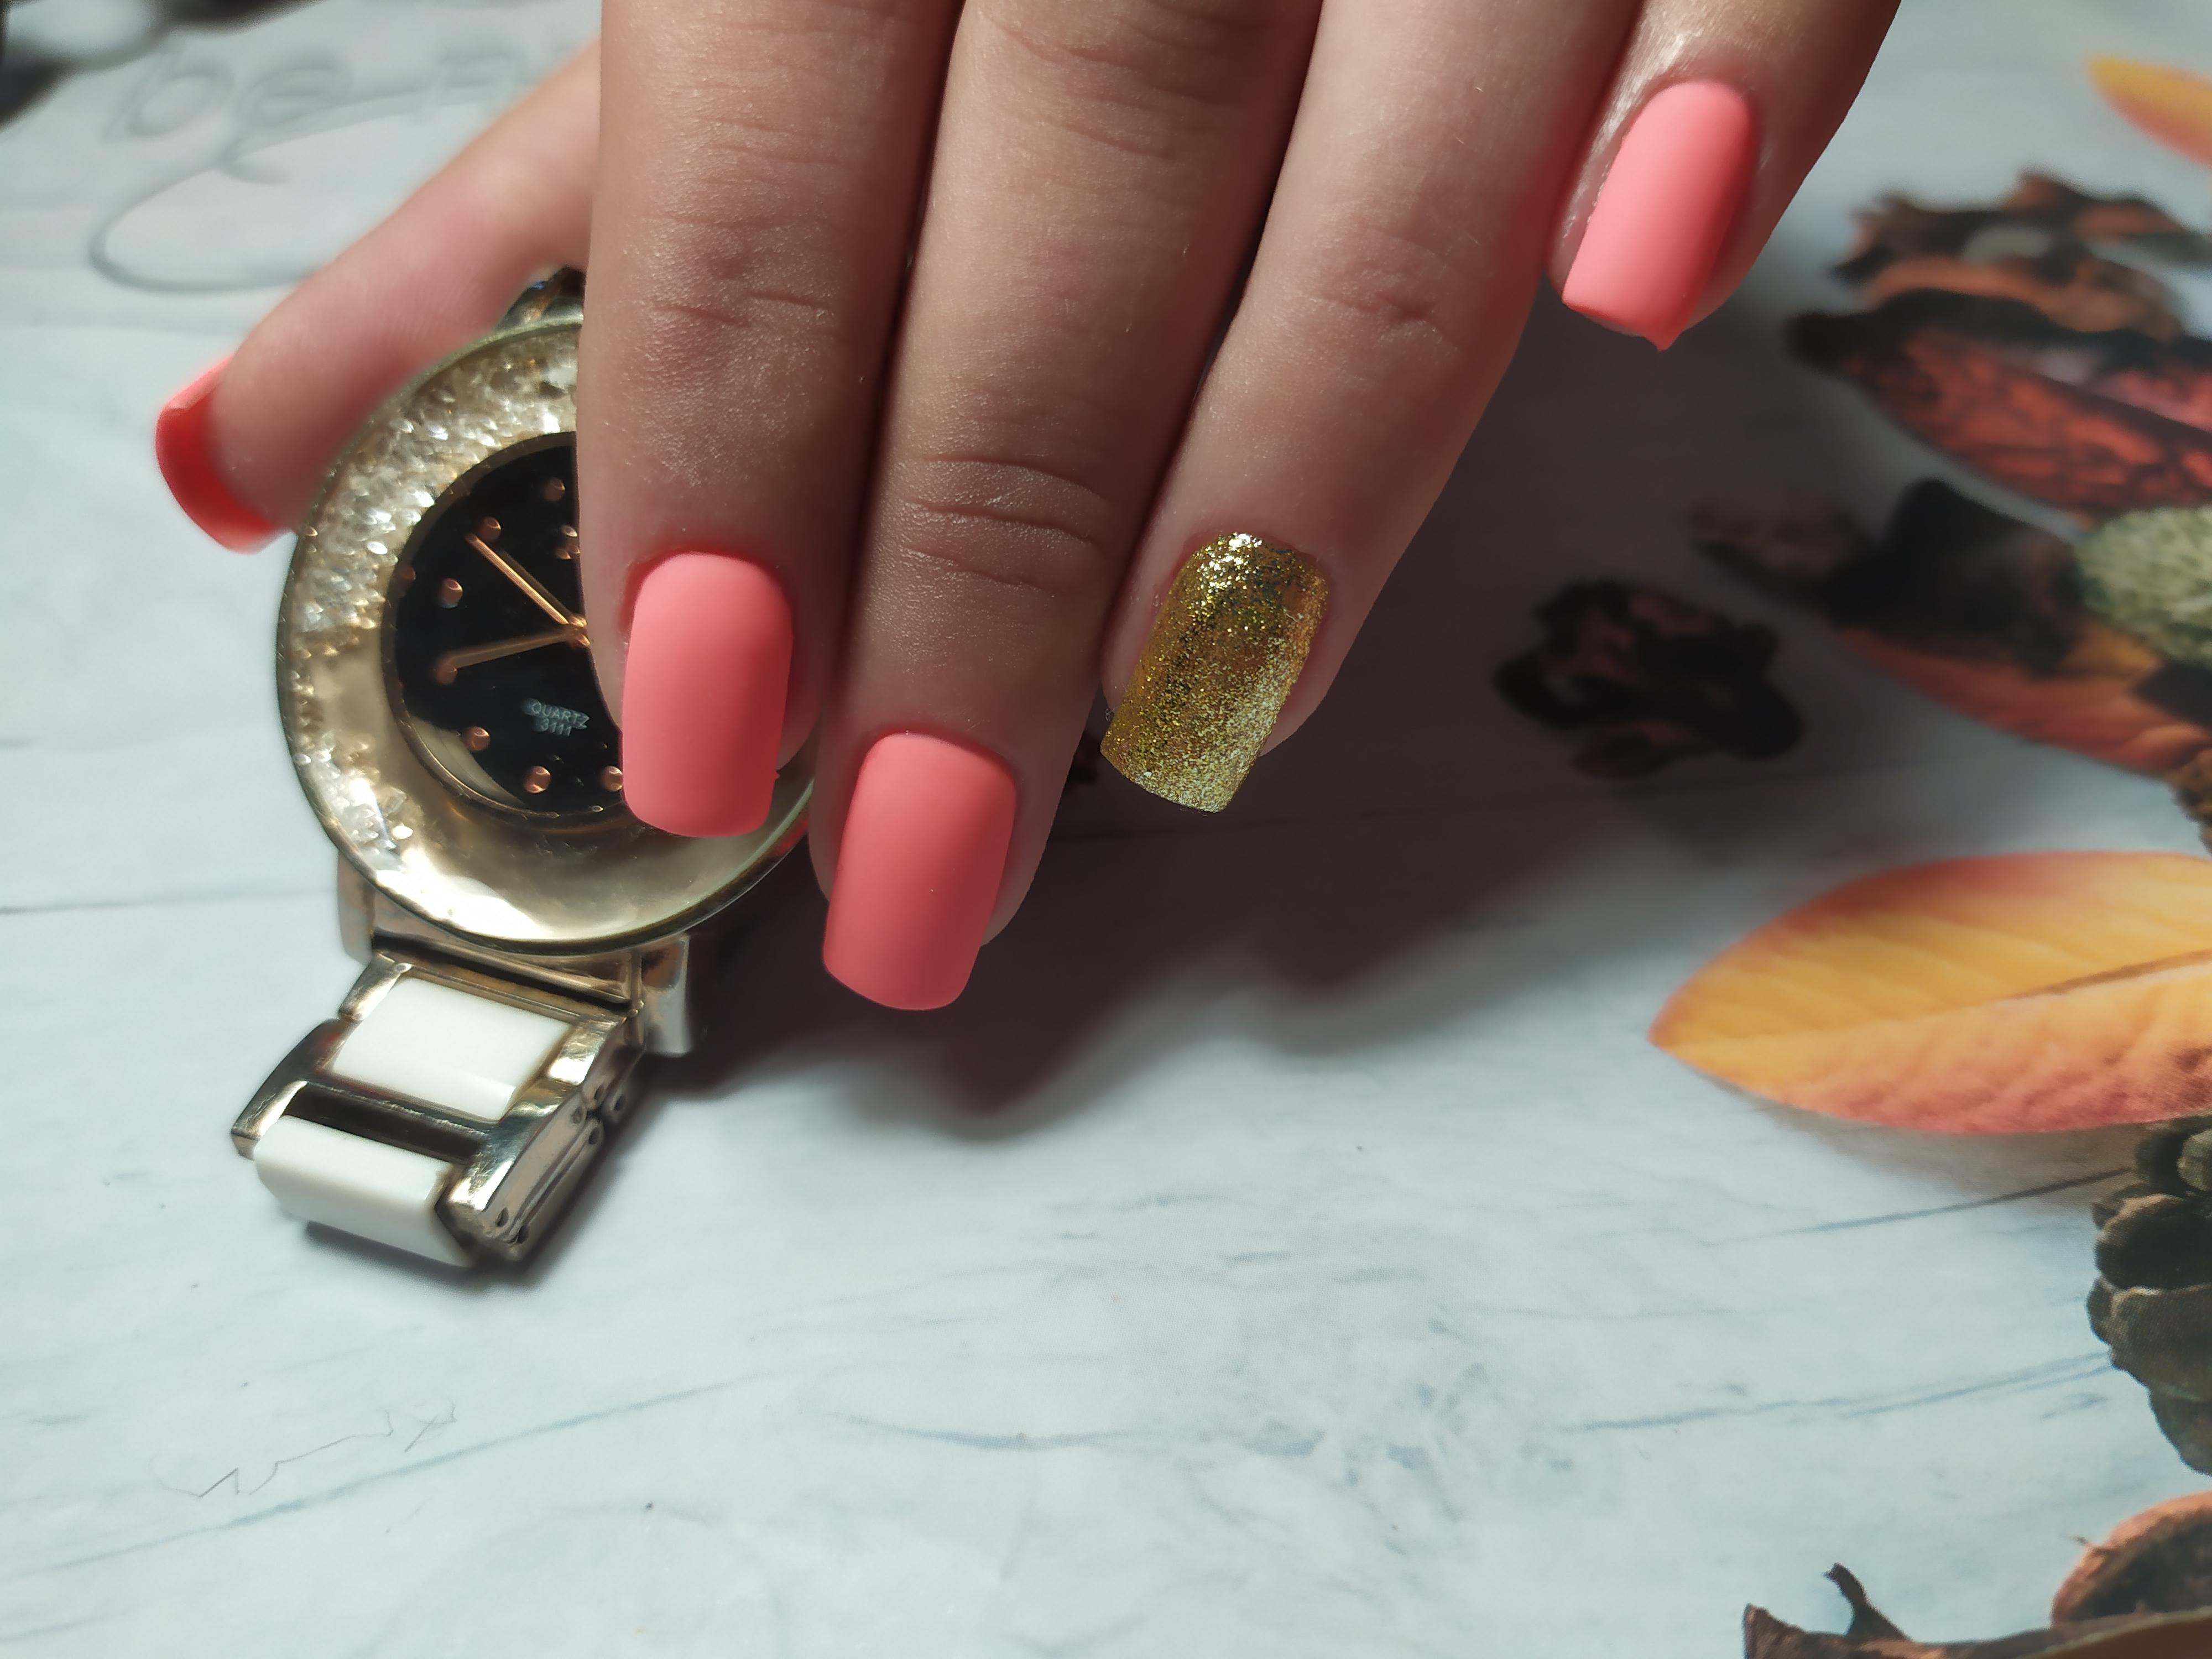 Матовый маникюр с золотыми блестками в розовом цвете.